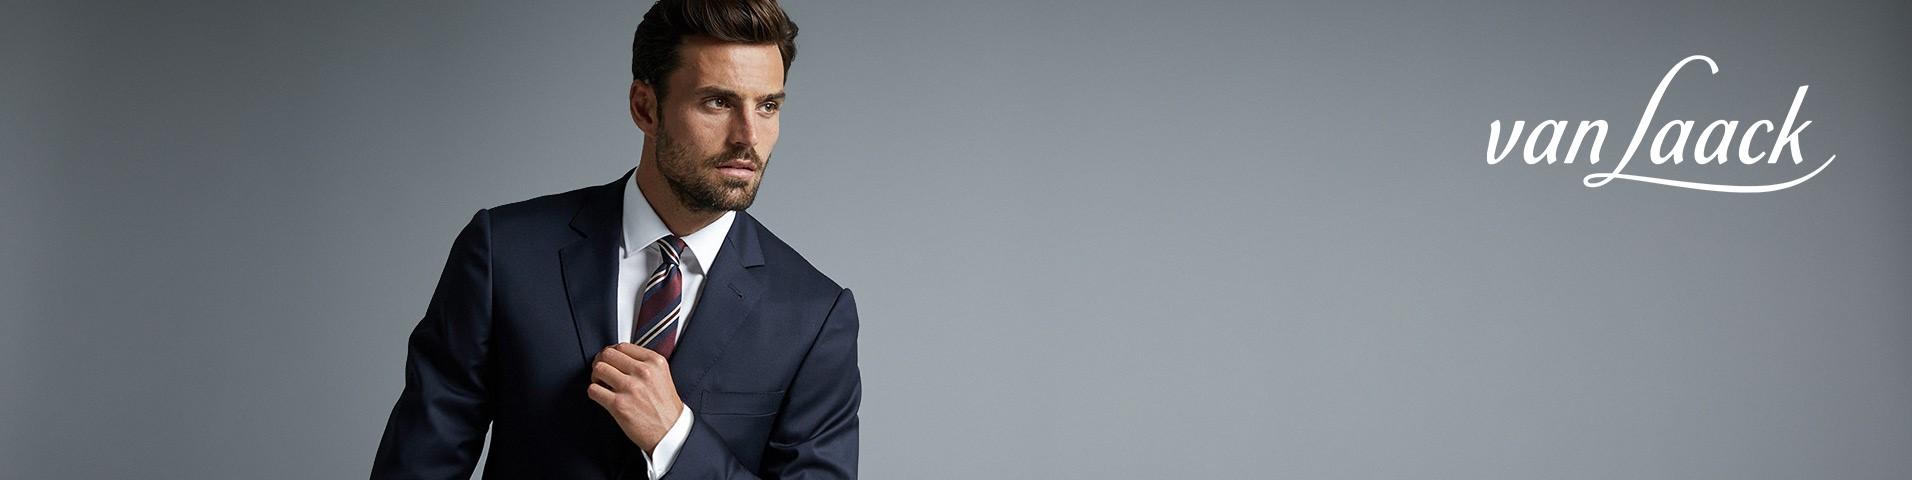 876229018c4a Van Laack Anzug für einen stillvollen Auftritt online kaufen   ZALANDO